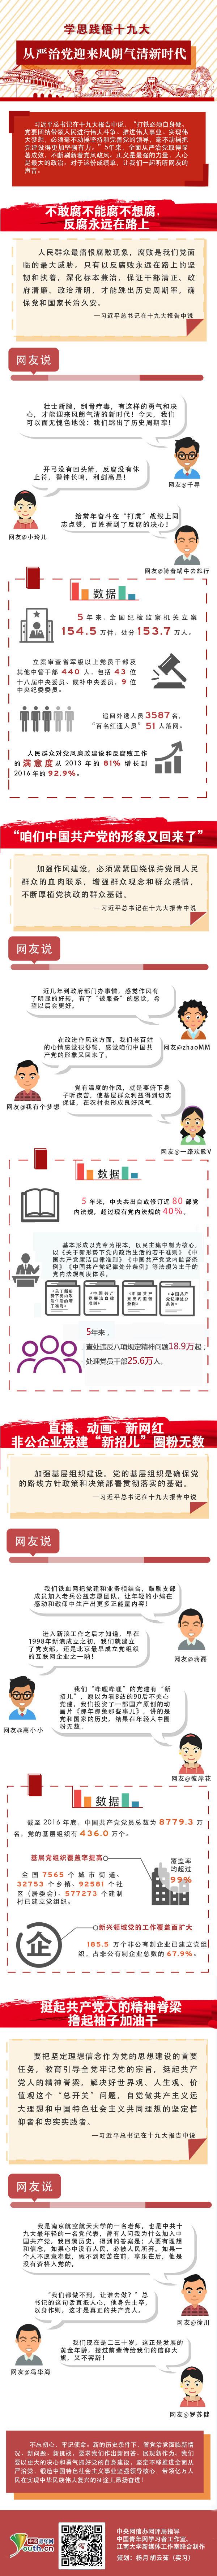 学思践悟十九大|从严治党迎来风朗气清新时代杭州写字楼91